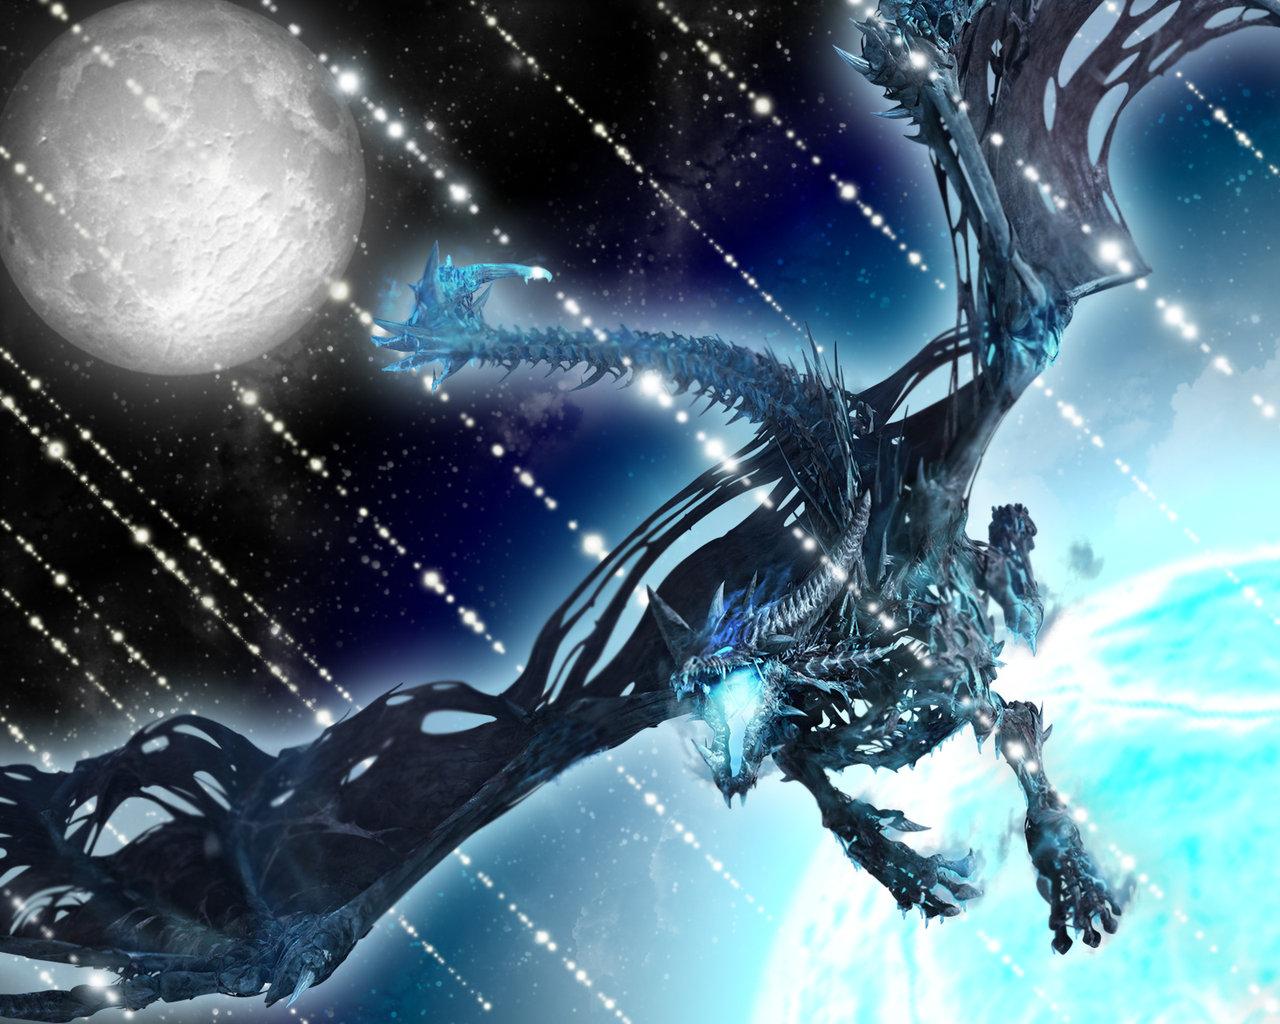 Ice Dragon by Tytolis 1280x1024